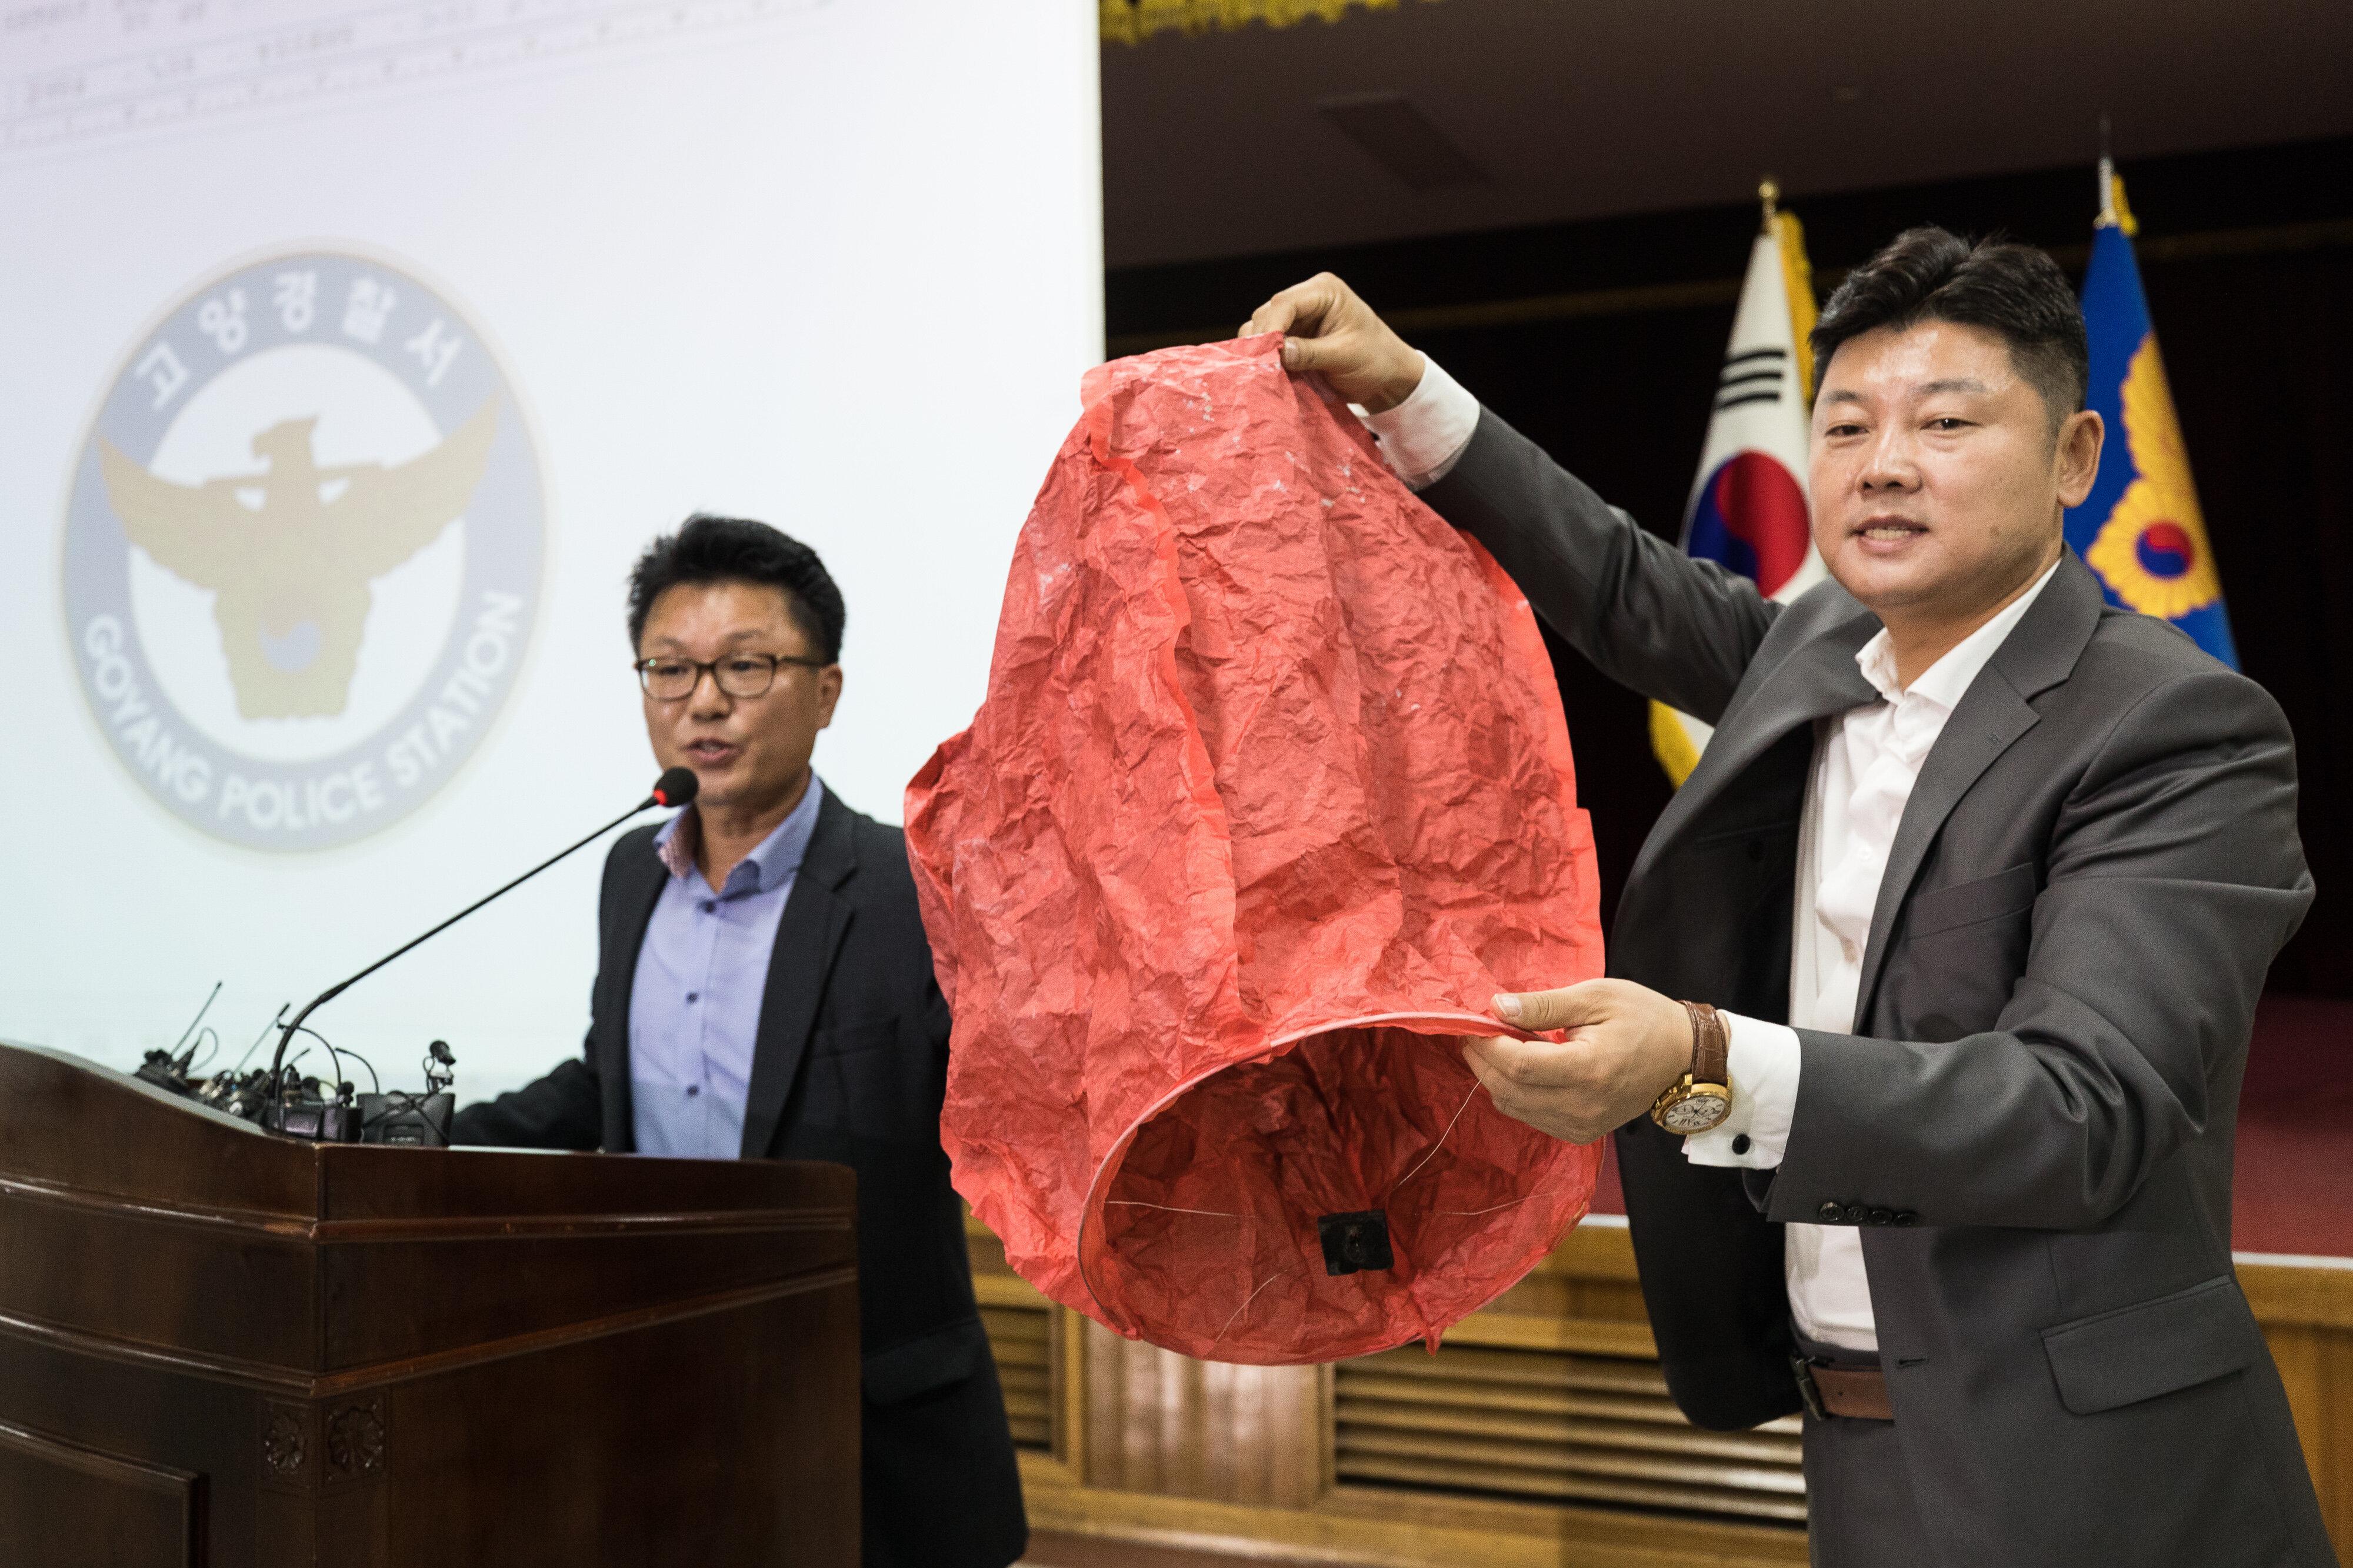 경찰이 '고양 저유소 화재' 이주노동자에게 자백을